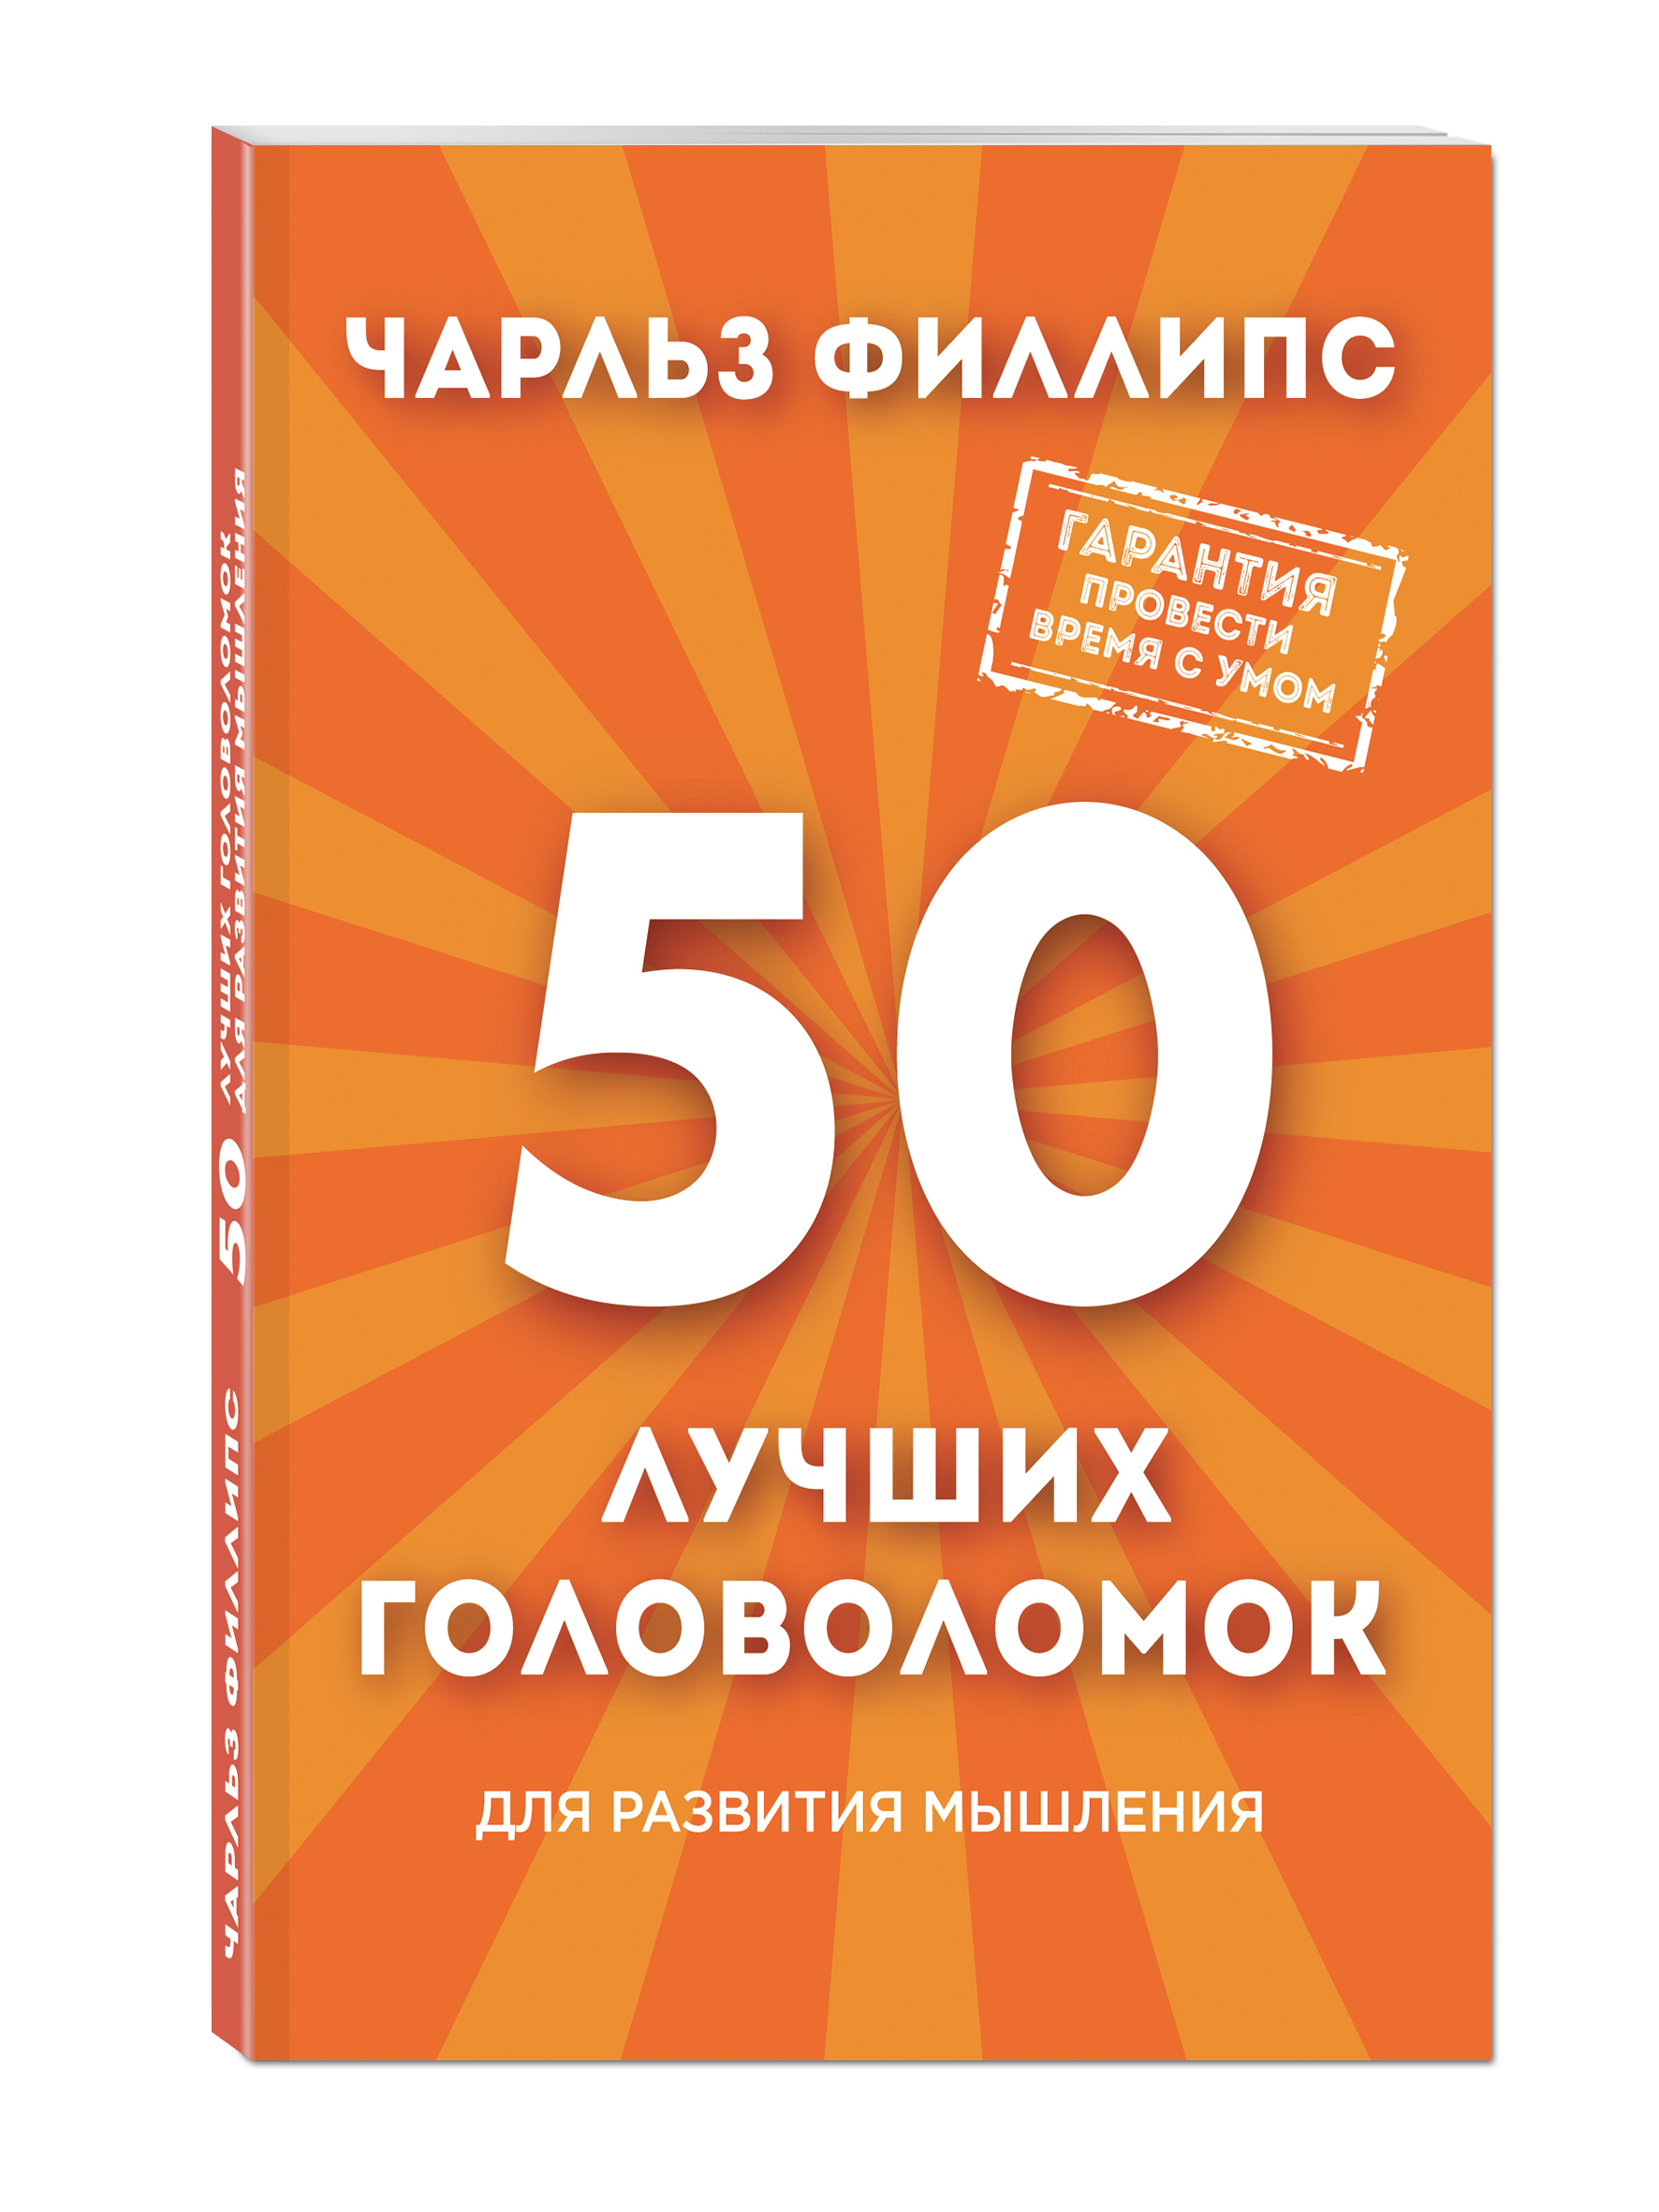 Филлипс Ч. 50 лучших головоломок для развития мышления ISBN: 978-5-699-93810-0 филлипс ч 50 лучших головоломок для развития левого и правого полушария мозга нов оф